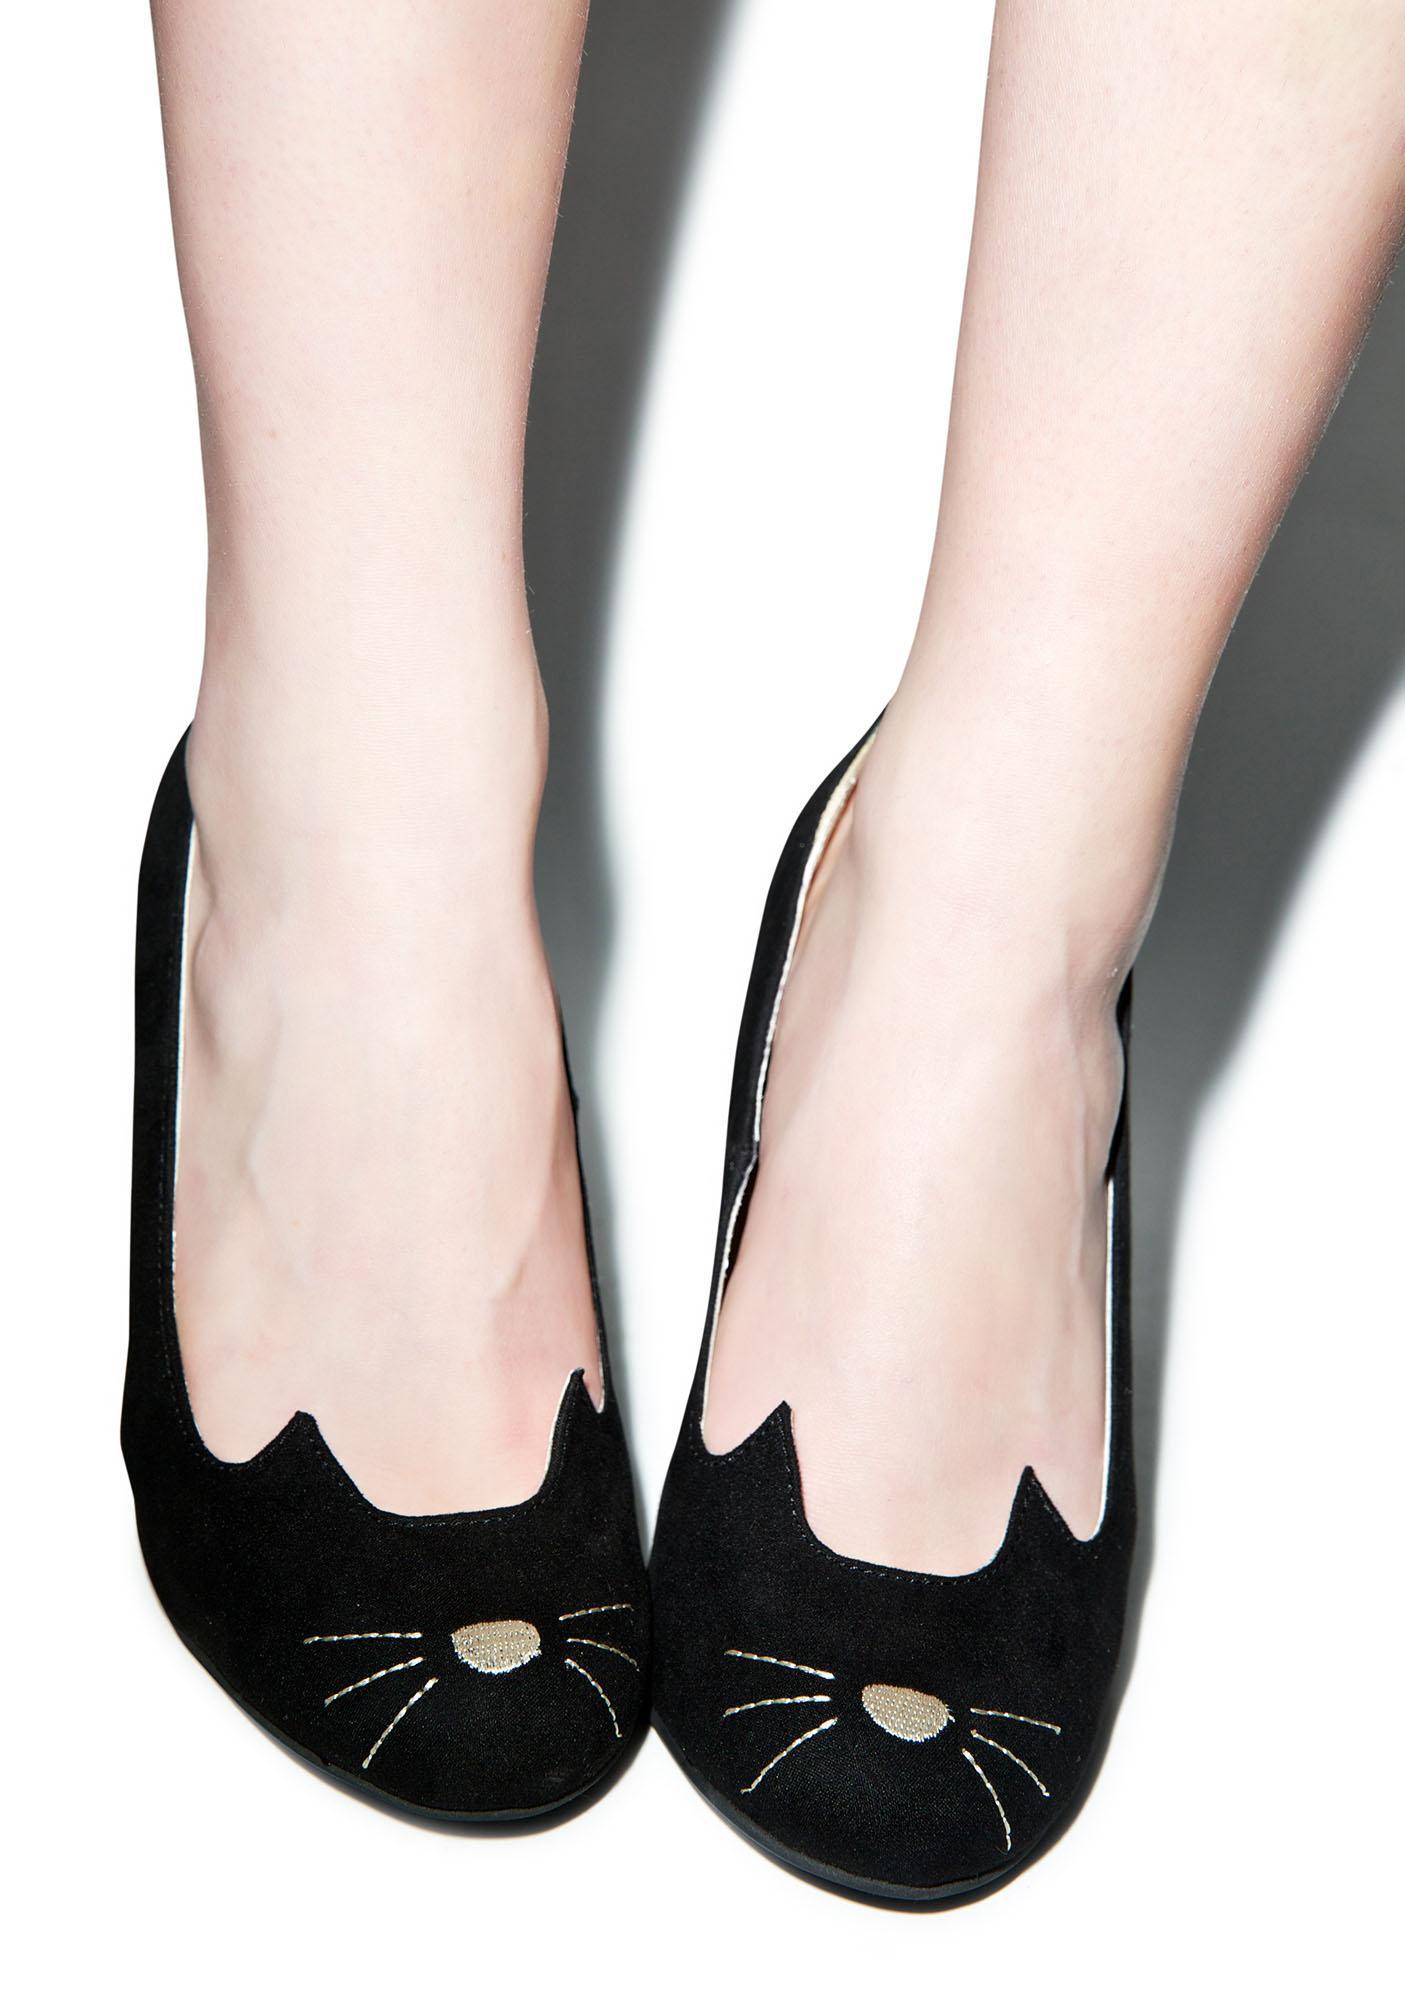 T.U.K. Sophistakitty Heels